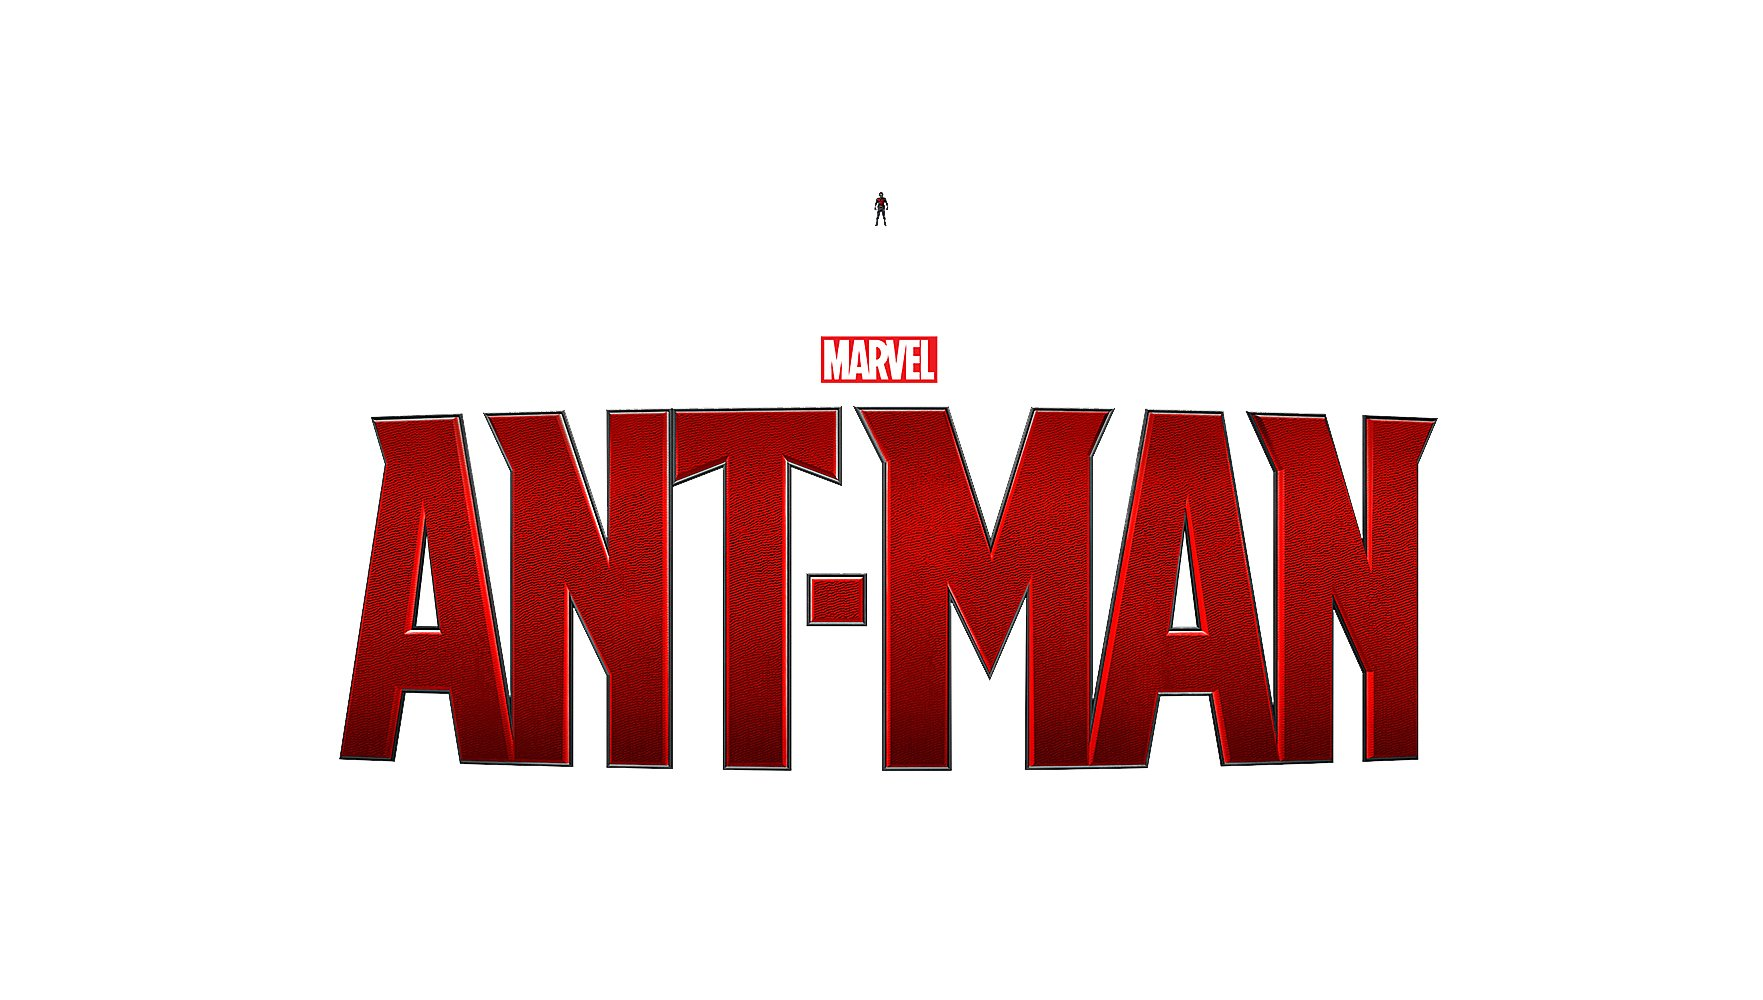 Ant-Man : un film fourmidable qui se montre à la hauteur de ses promesses!